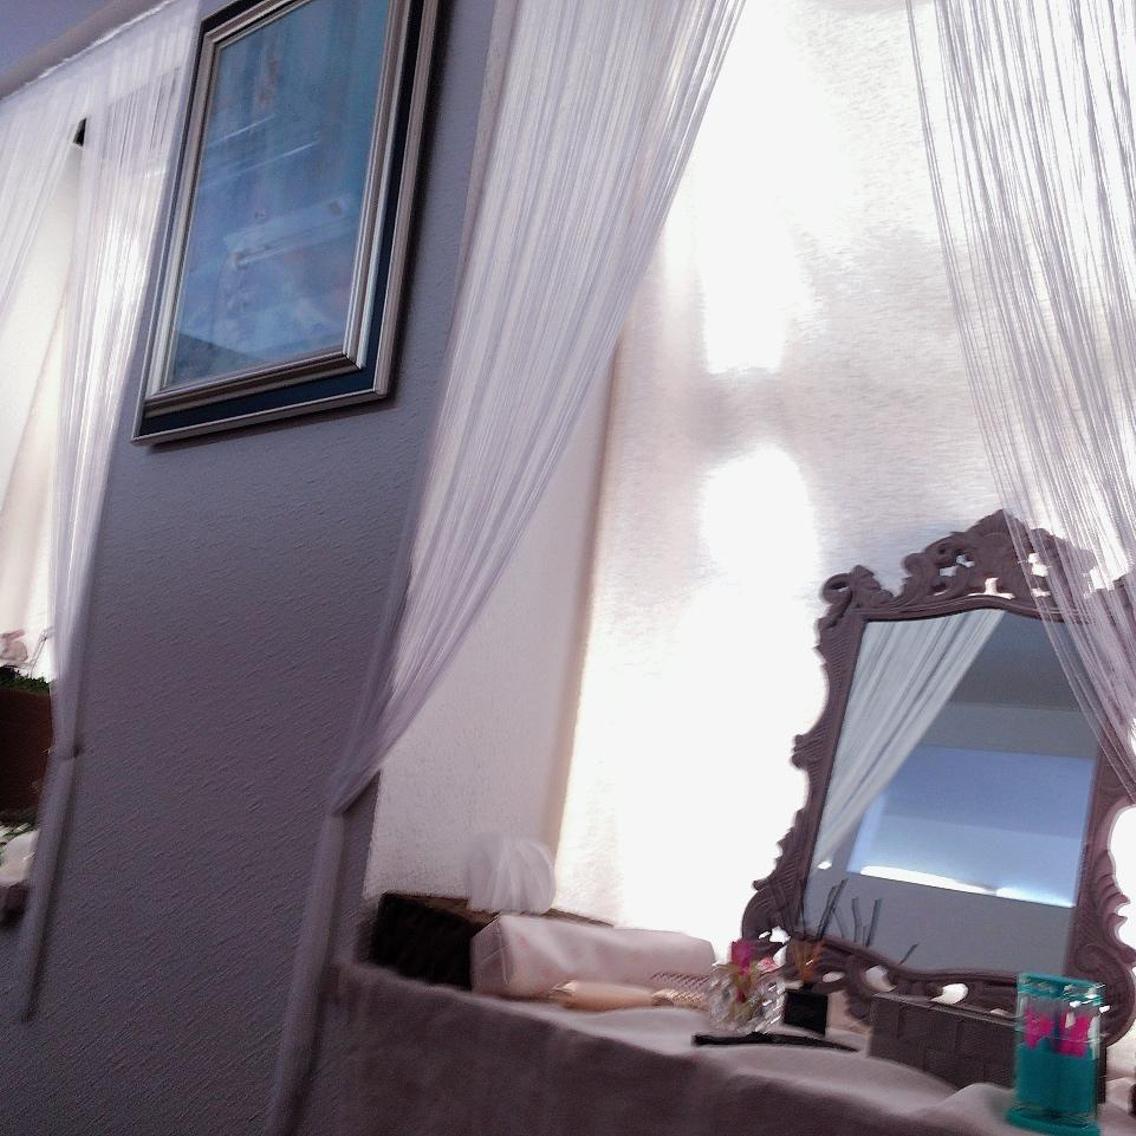 〚平日全メニュー15%OFF(9/30まで‼)〛ラヴィーサ認定サロンで肌のハリツヤ復活させませんか?